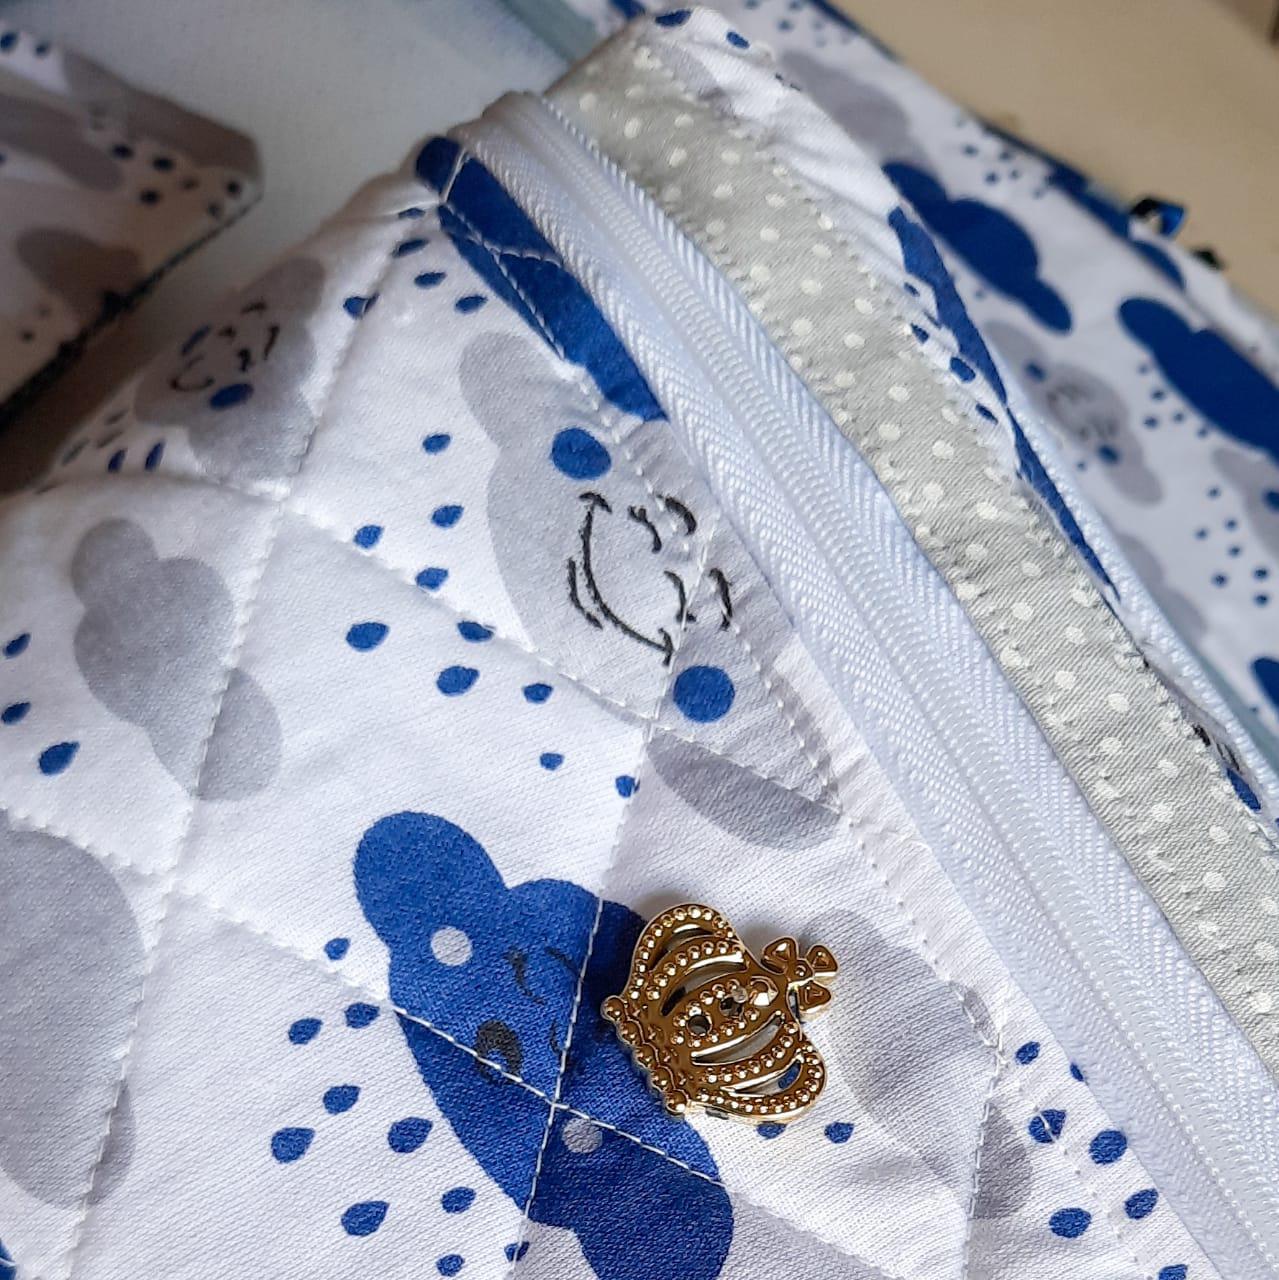 Kit saquinhos maternidade + capa carteirinha de vacina + necessaire